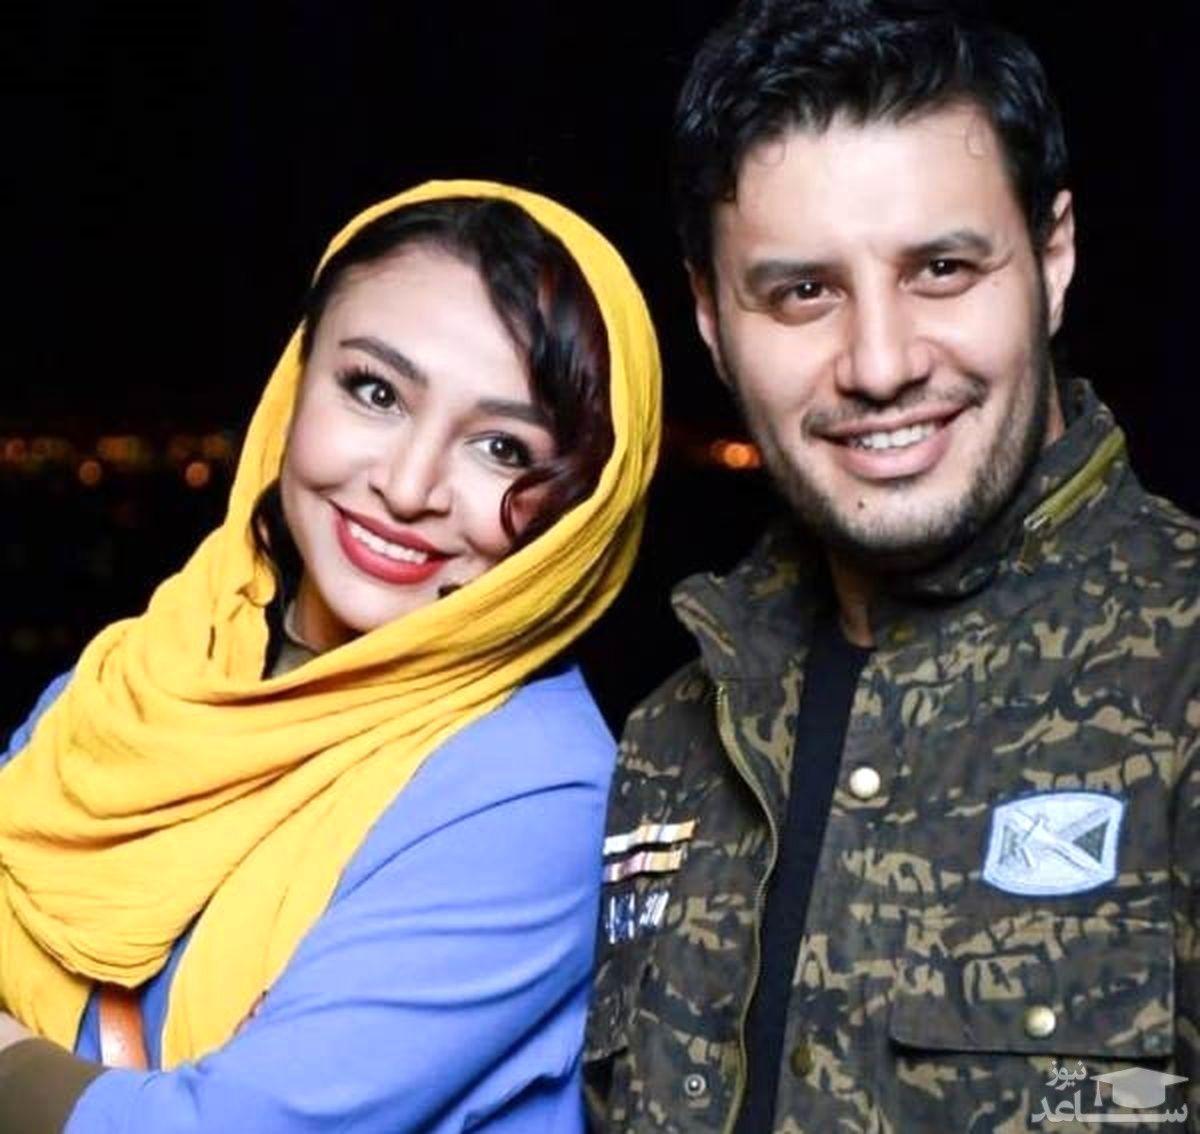 لباس لختی و ناجور همسر جواد عزتی + عکس